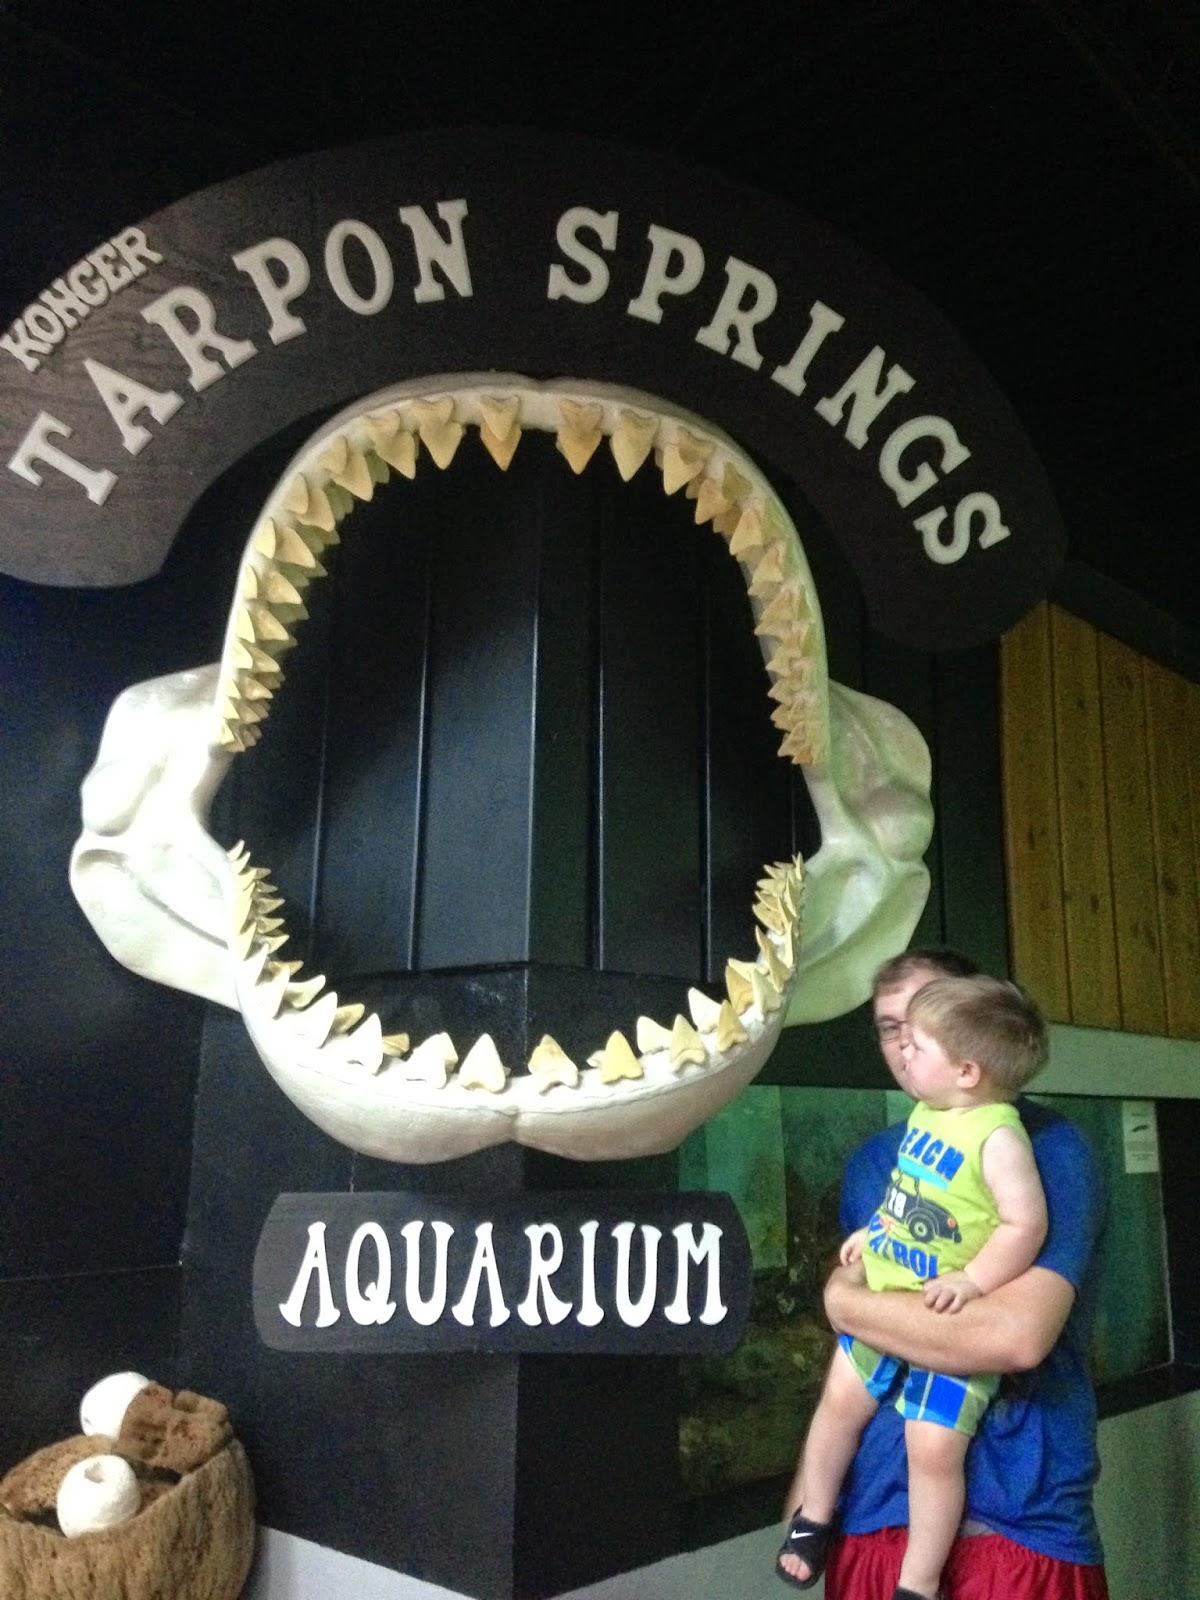 ZooZooReview: Tarpon Springs Aquarium